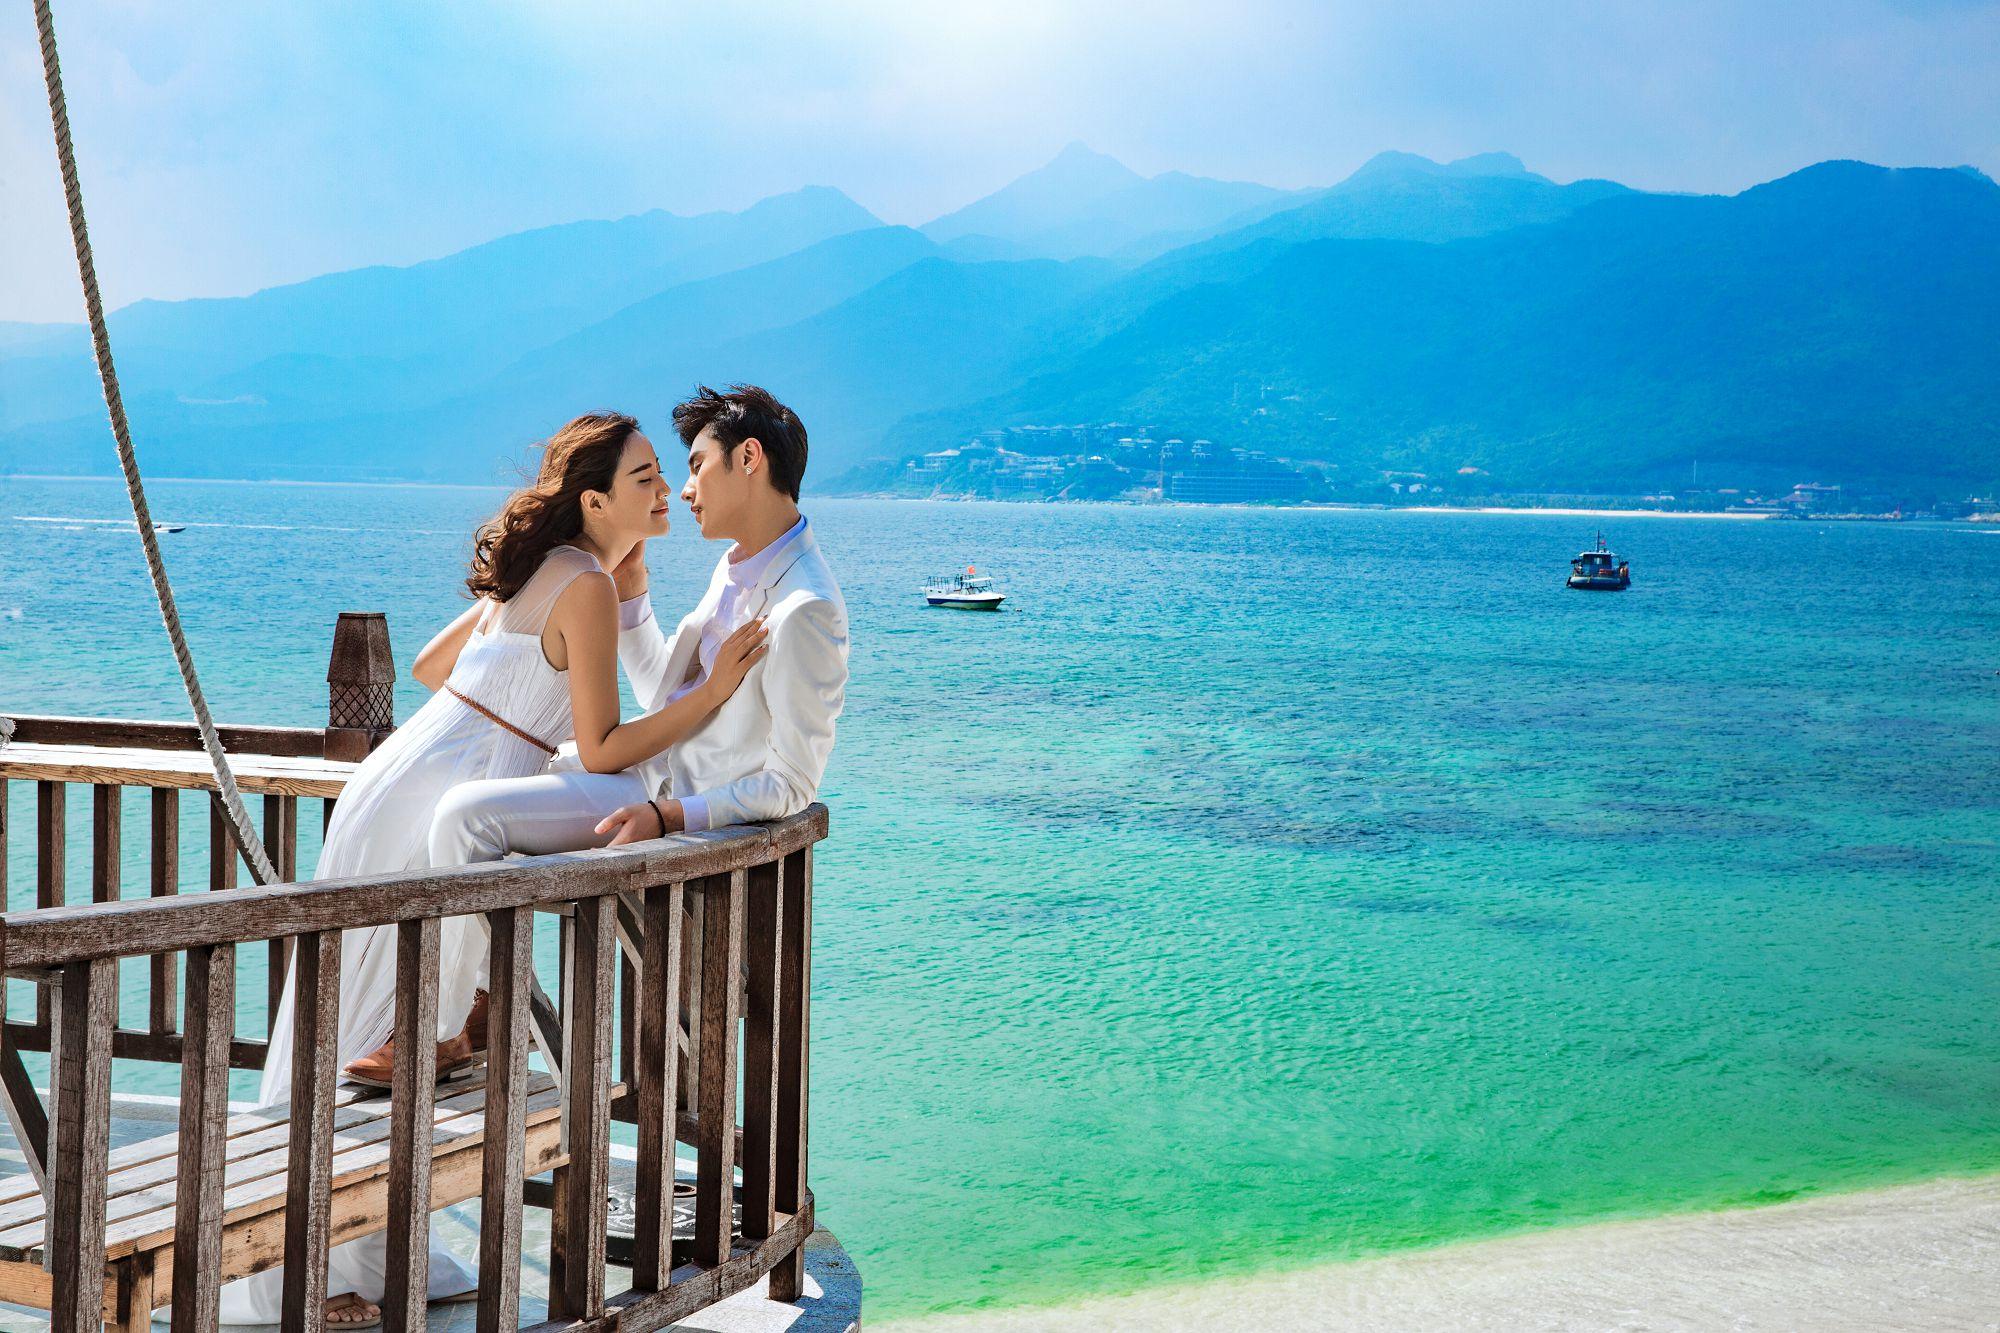 拍婚纱照怎么挑选商家,怎样避免踩坑